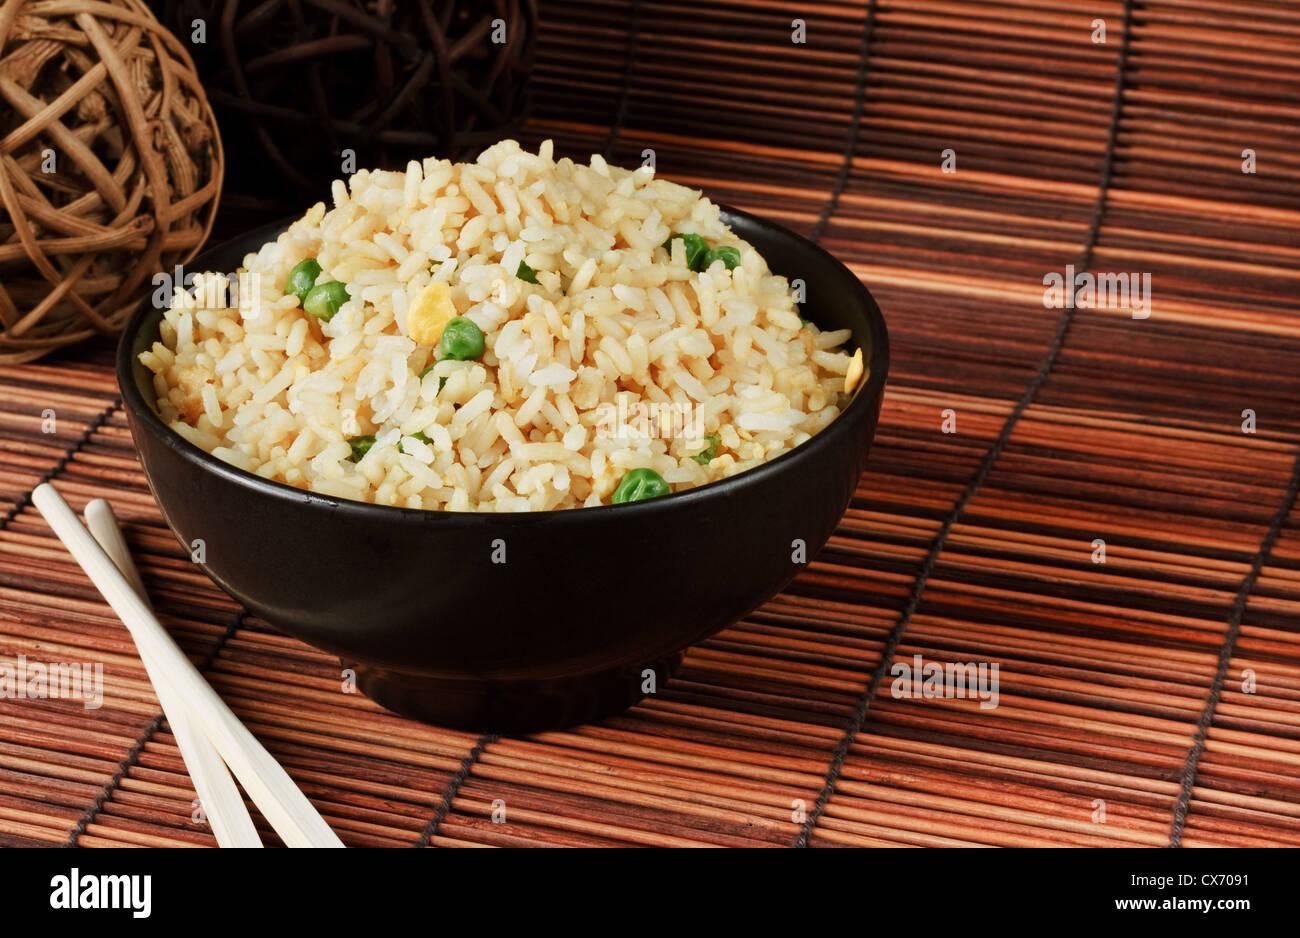 Cuenco de Arroz frito con huevo un excelente orden lado con comida china. Imagen De Stock